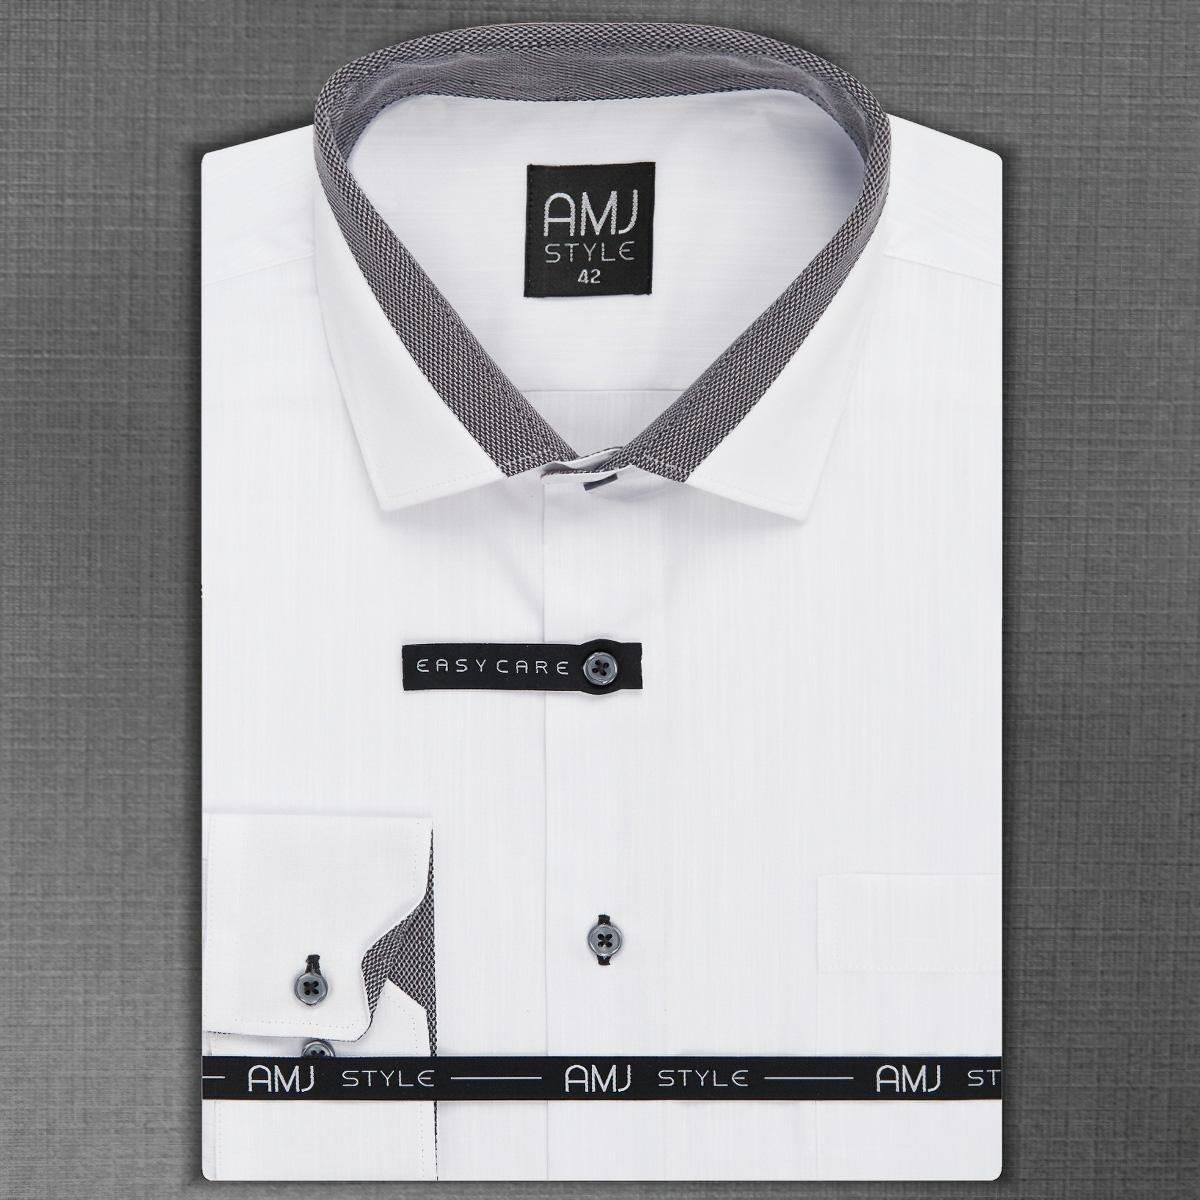 Pánská košile AMJ bílá jemný proužek VDZ943, dlouhý rukáv